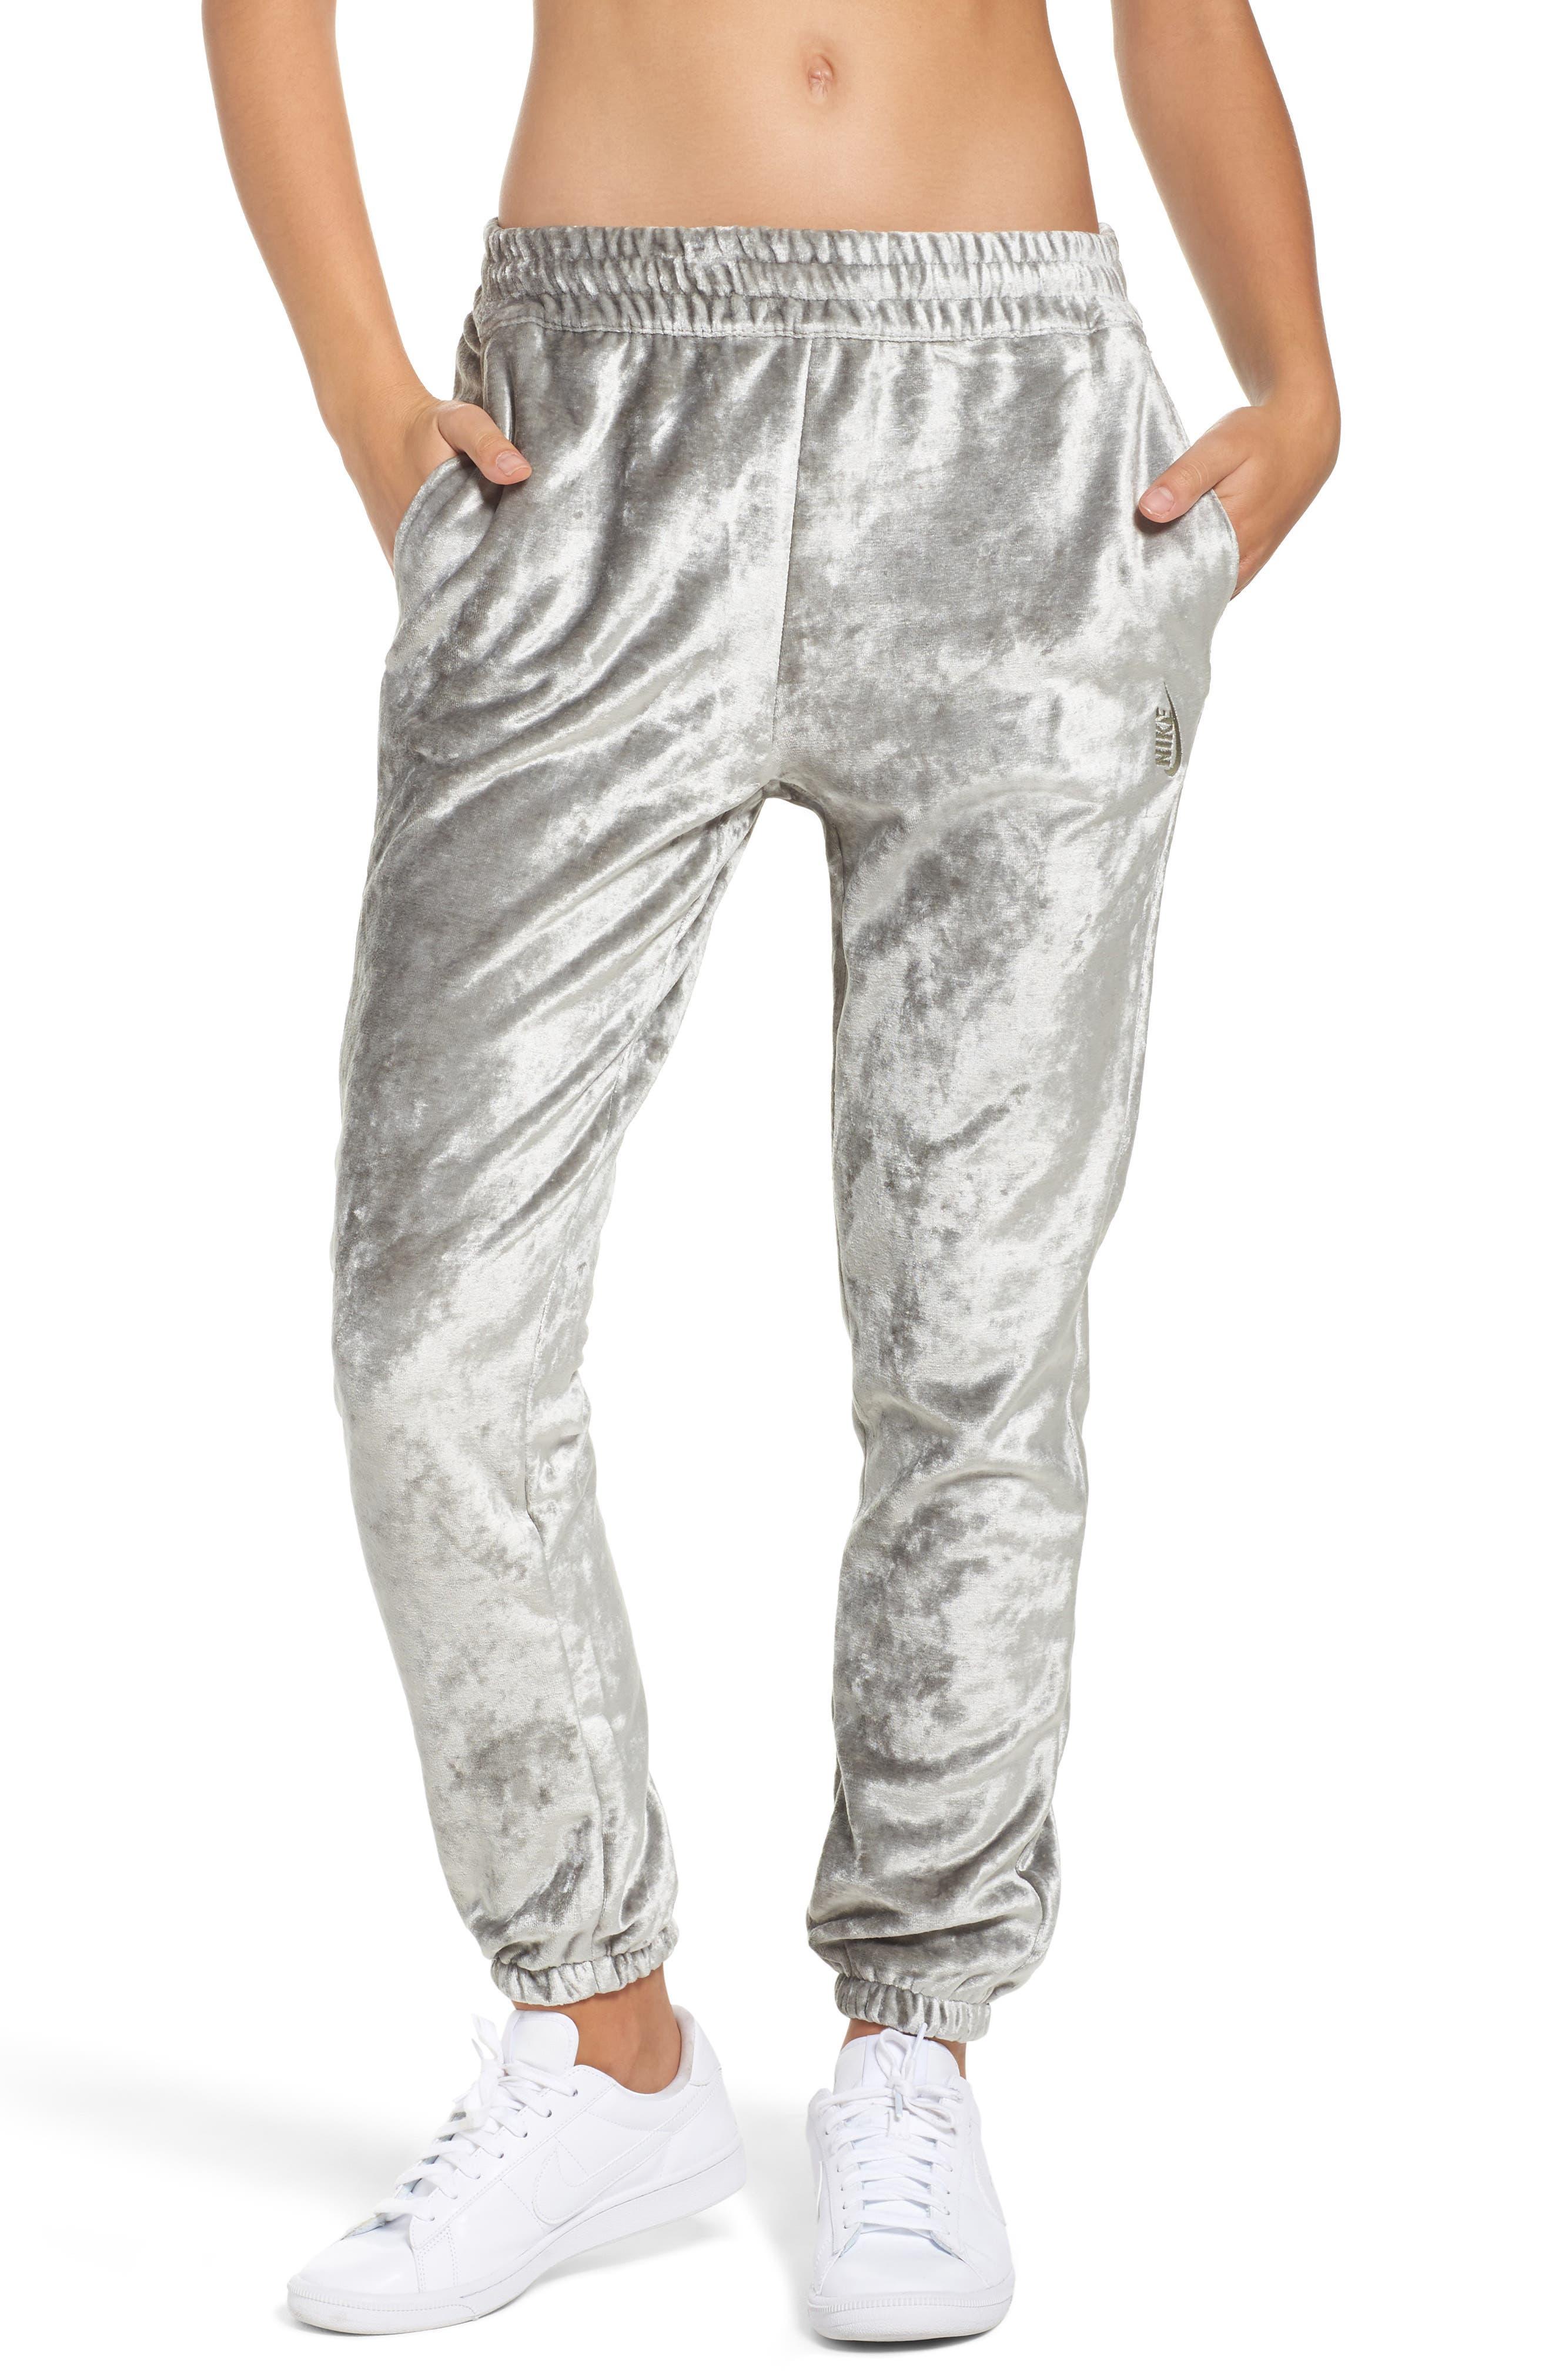 NikeLab Essentials Women's Velour Pants,                             Main thumbnail 1, color,                             020